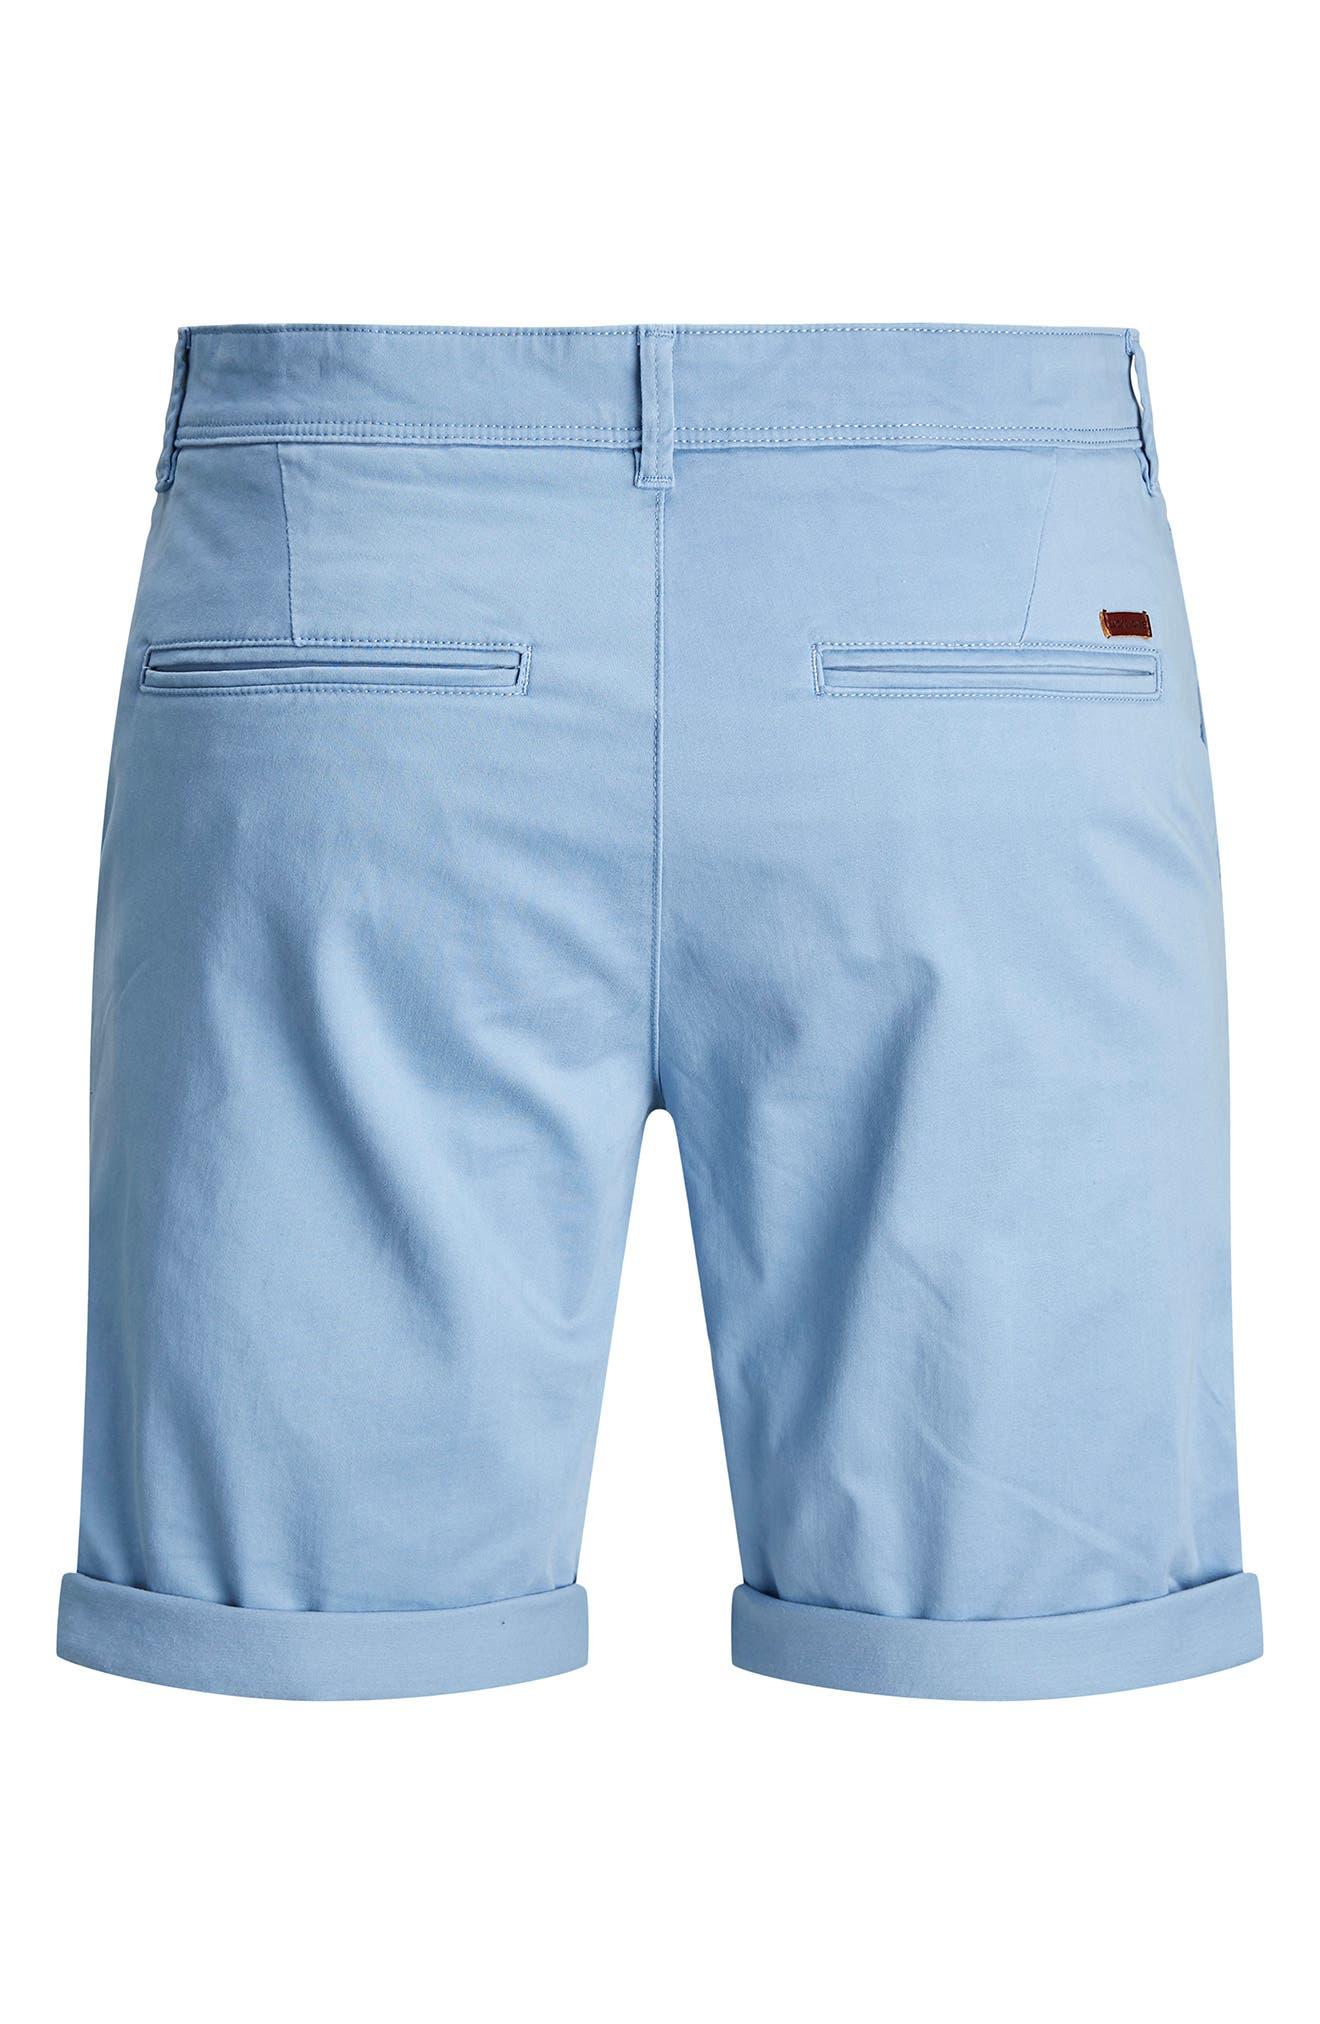 Jack & Jones Pants BOWIE CUFFED CHINO SHORTS